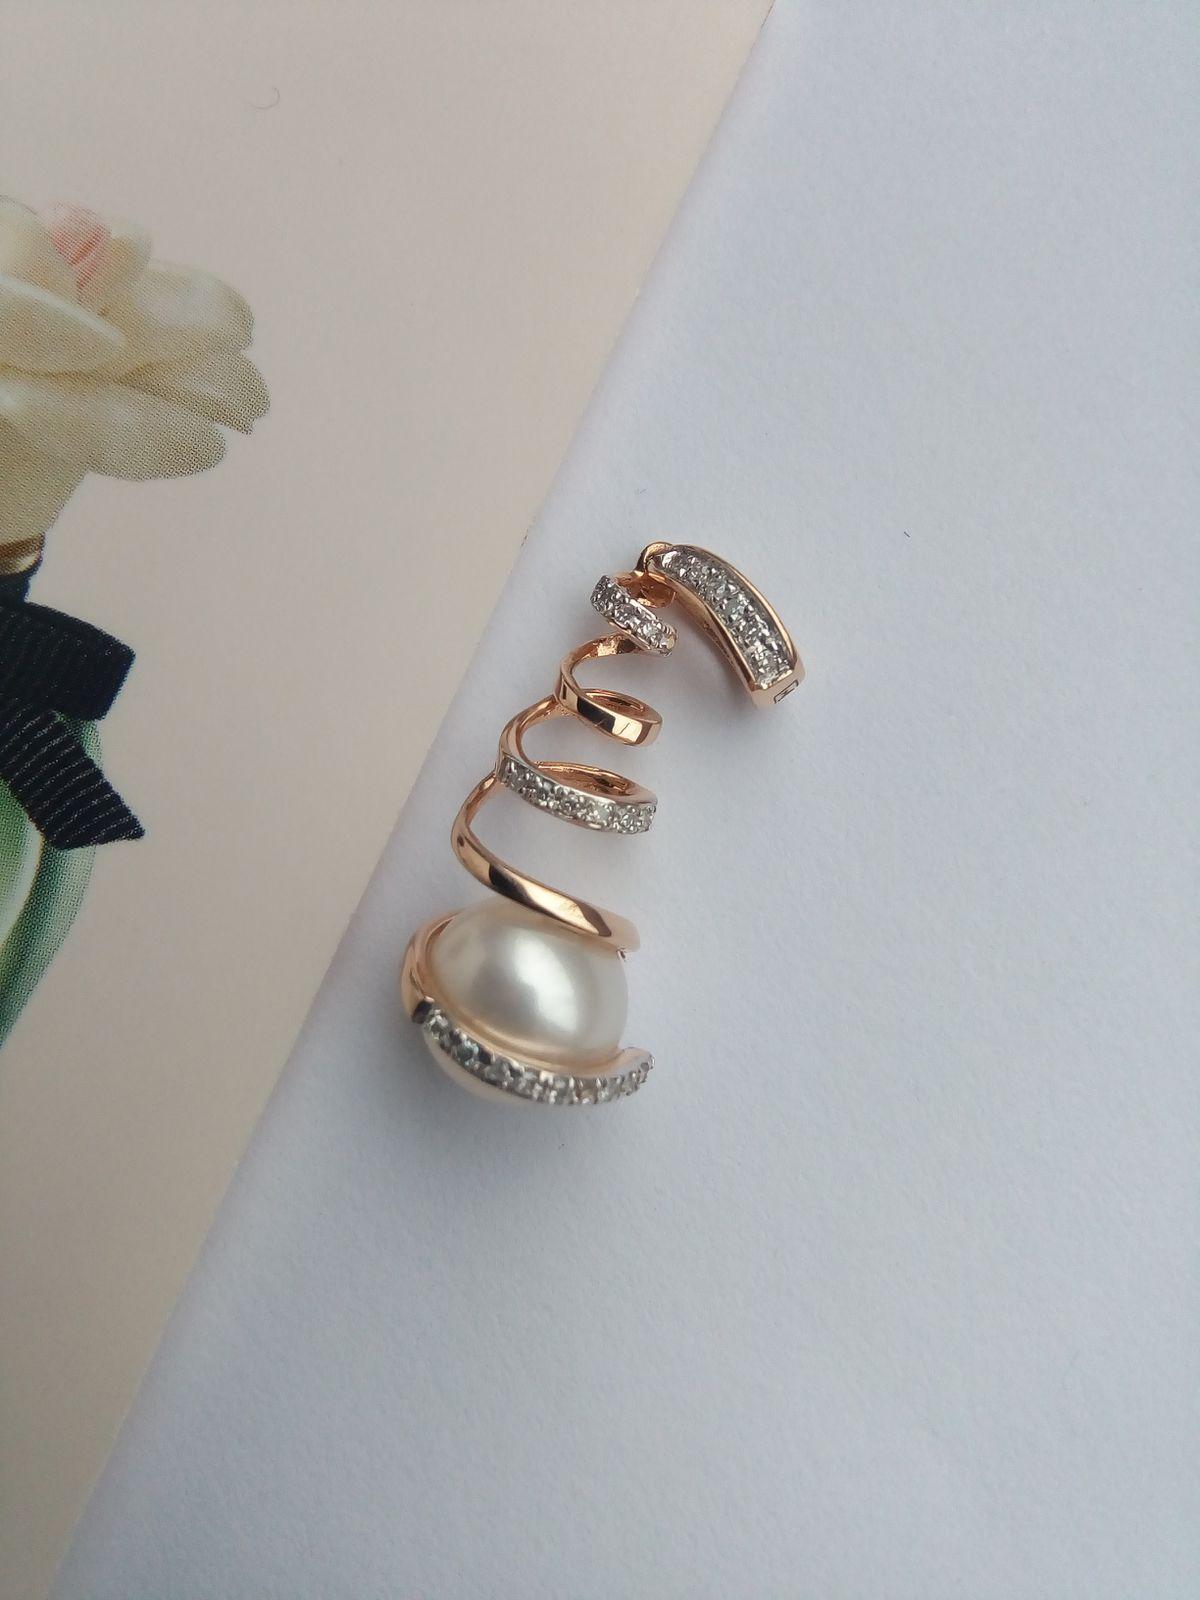 Золотая подвеска с жемчугом и бриллиантами.